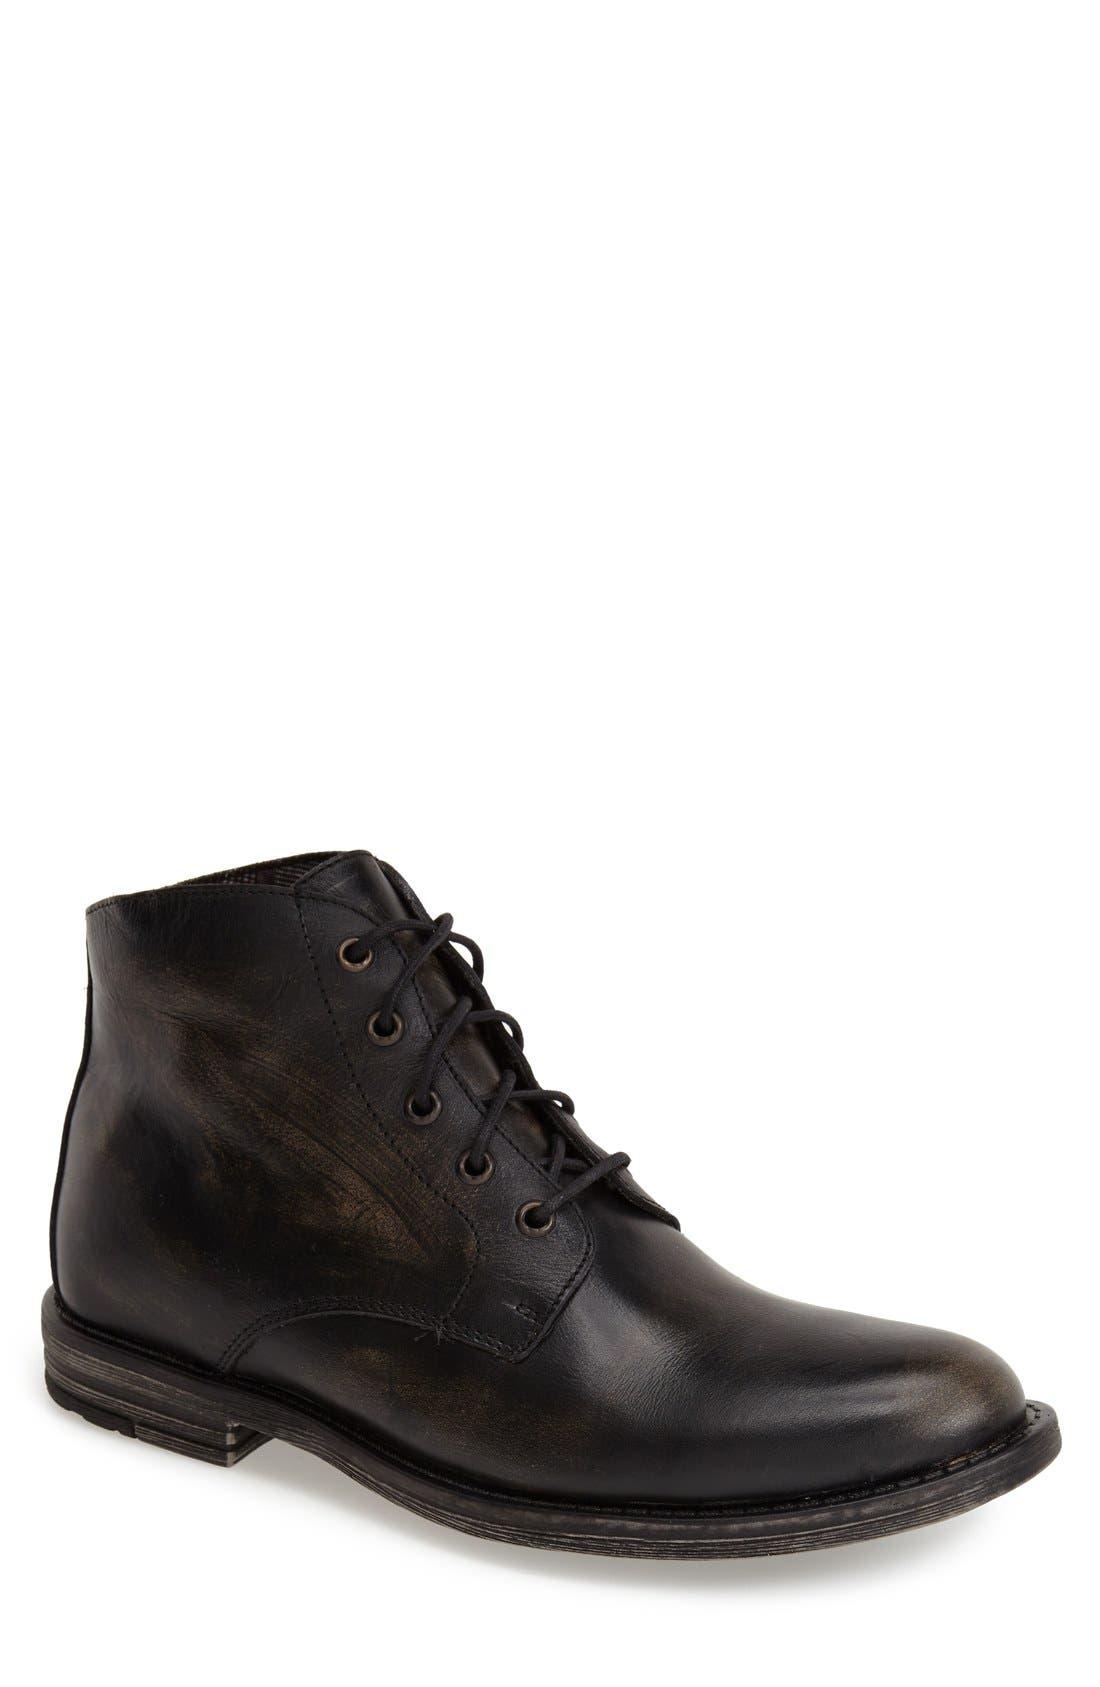 Bed Stu 'Hoover' Boot (Men)